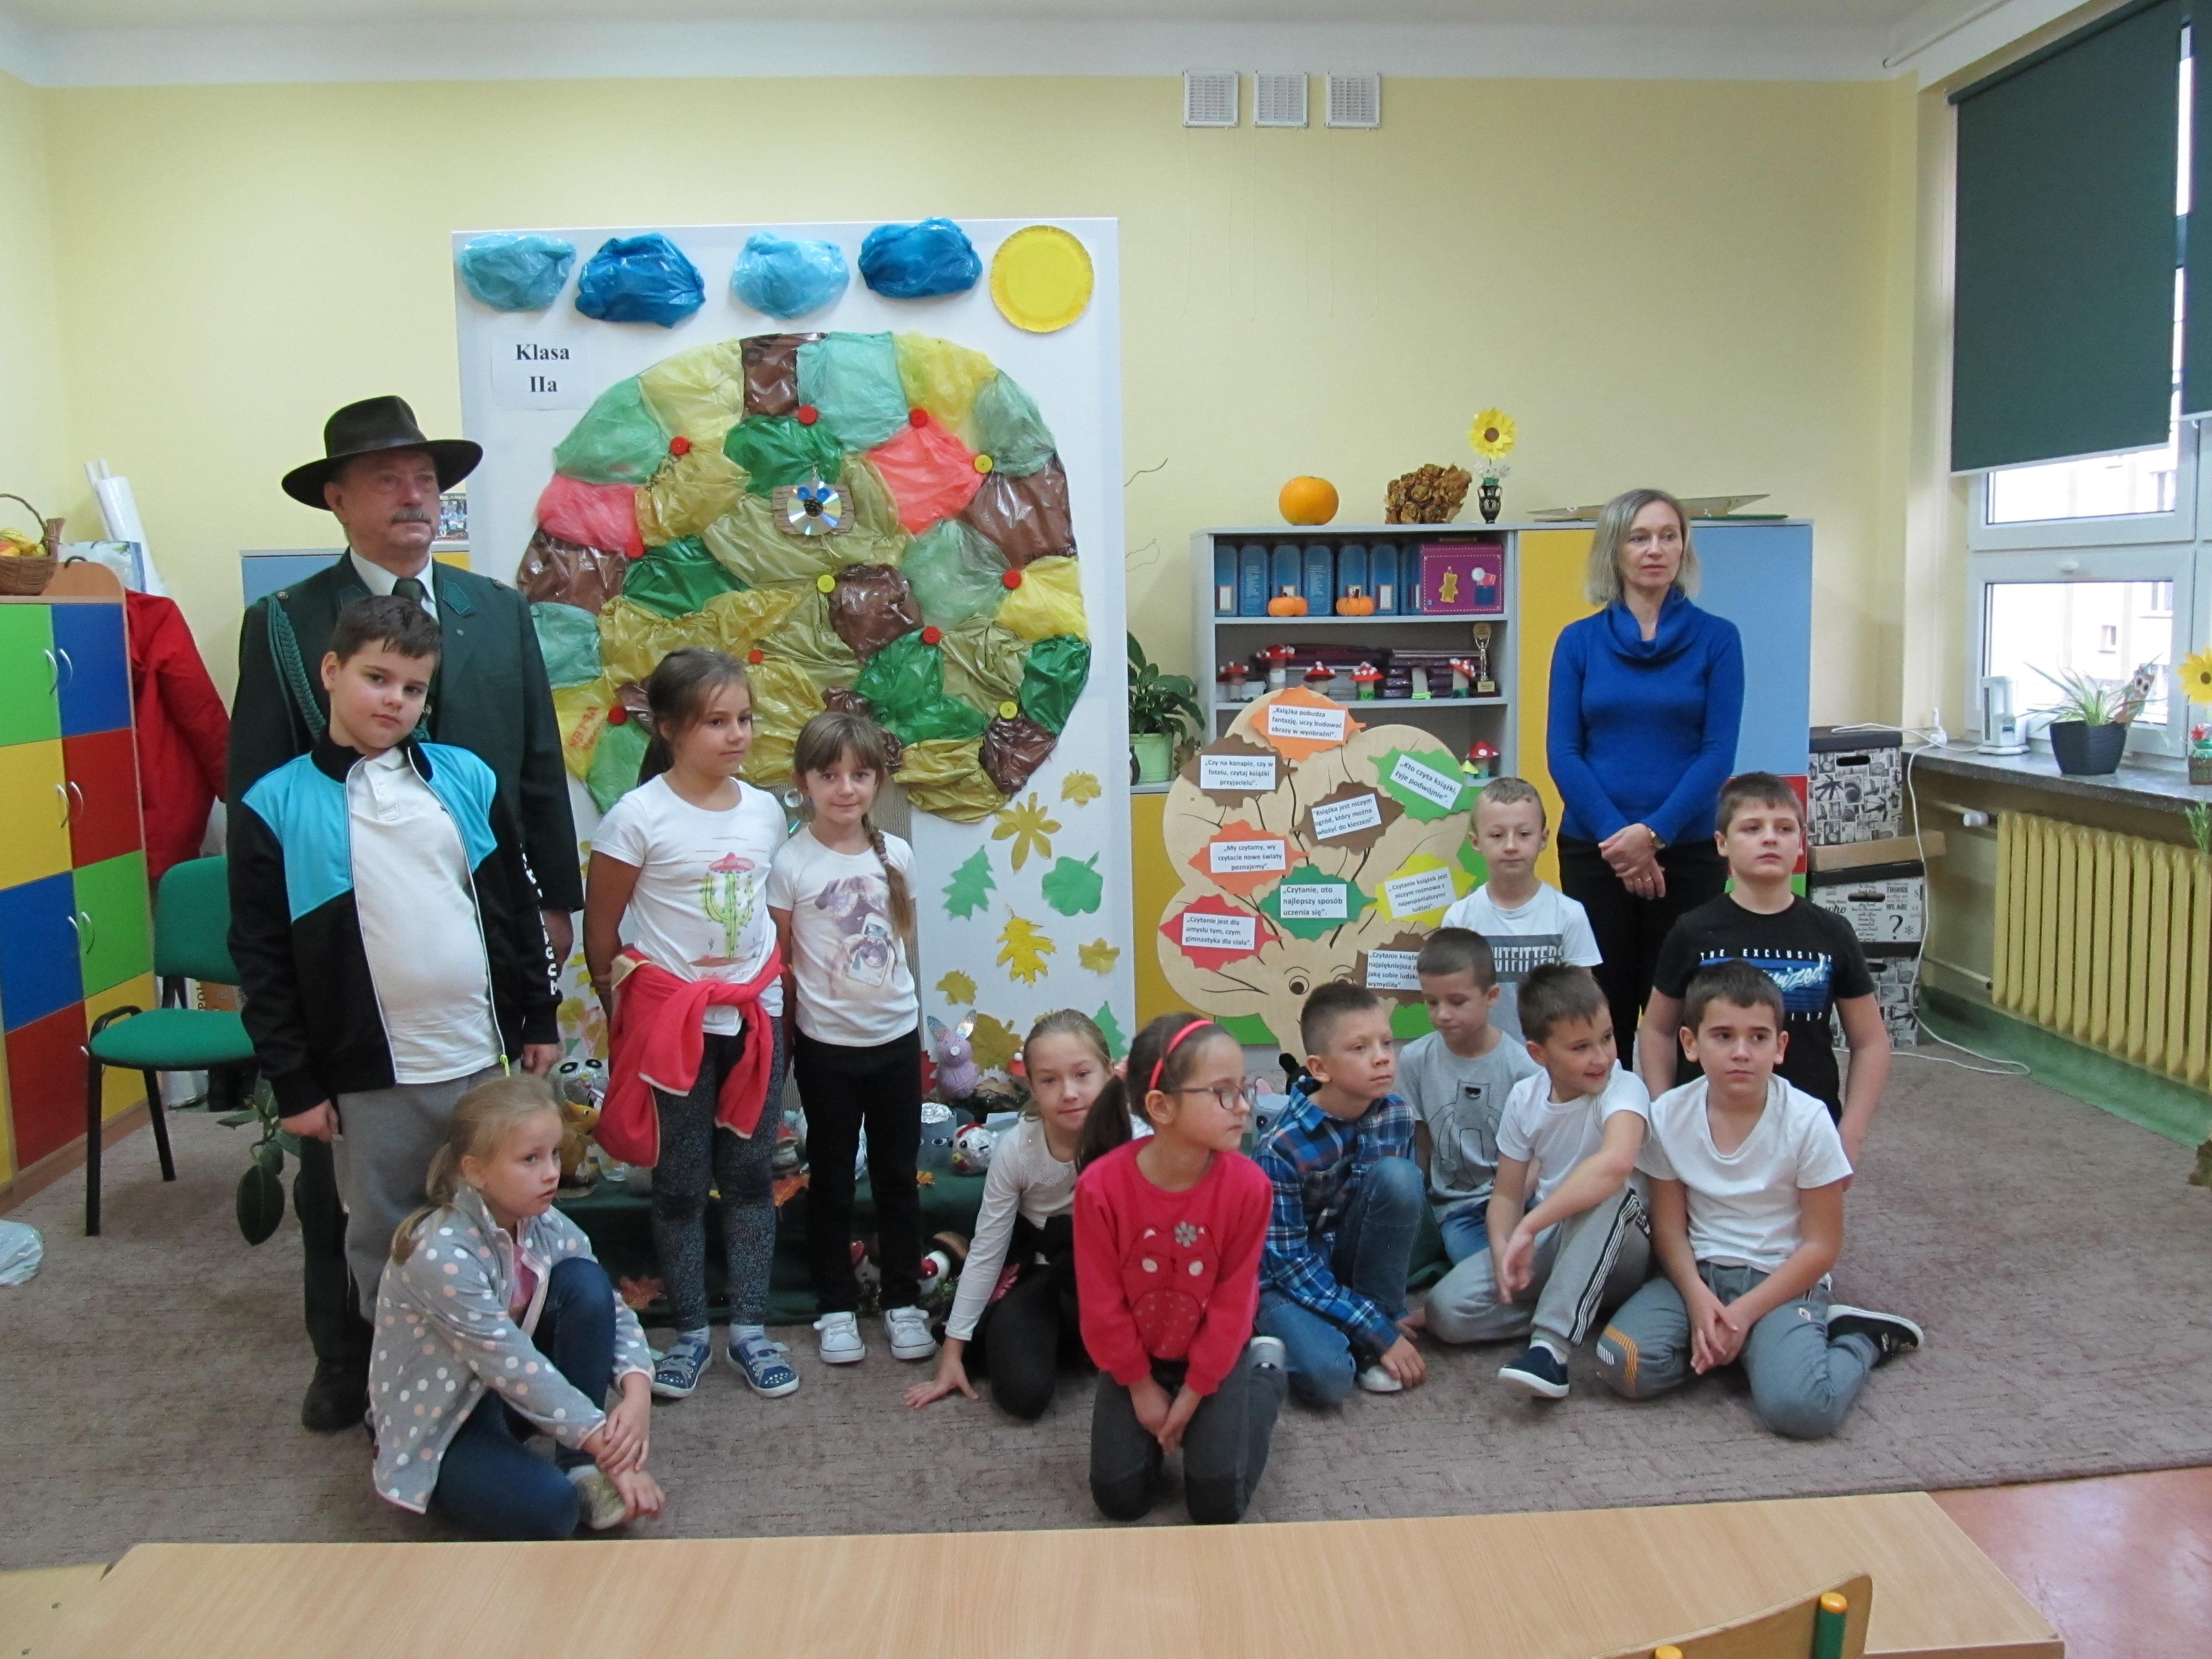 Warsztaty edukacyjne dla dzieci i młodzieży z zakresu wiedzy o myślistwie i łowiectwie w K.Ł. San Skowierzyn.